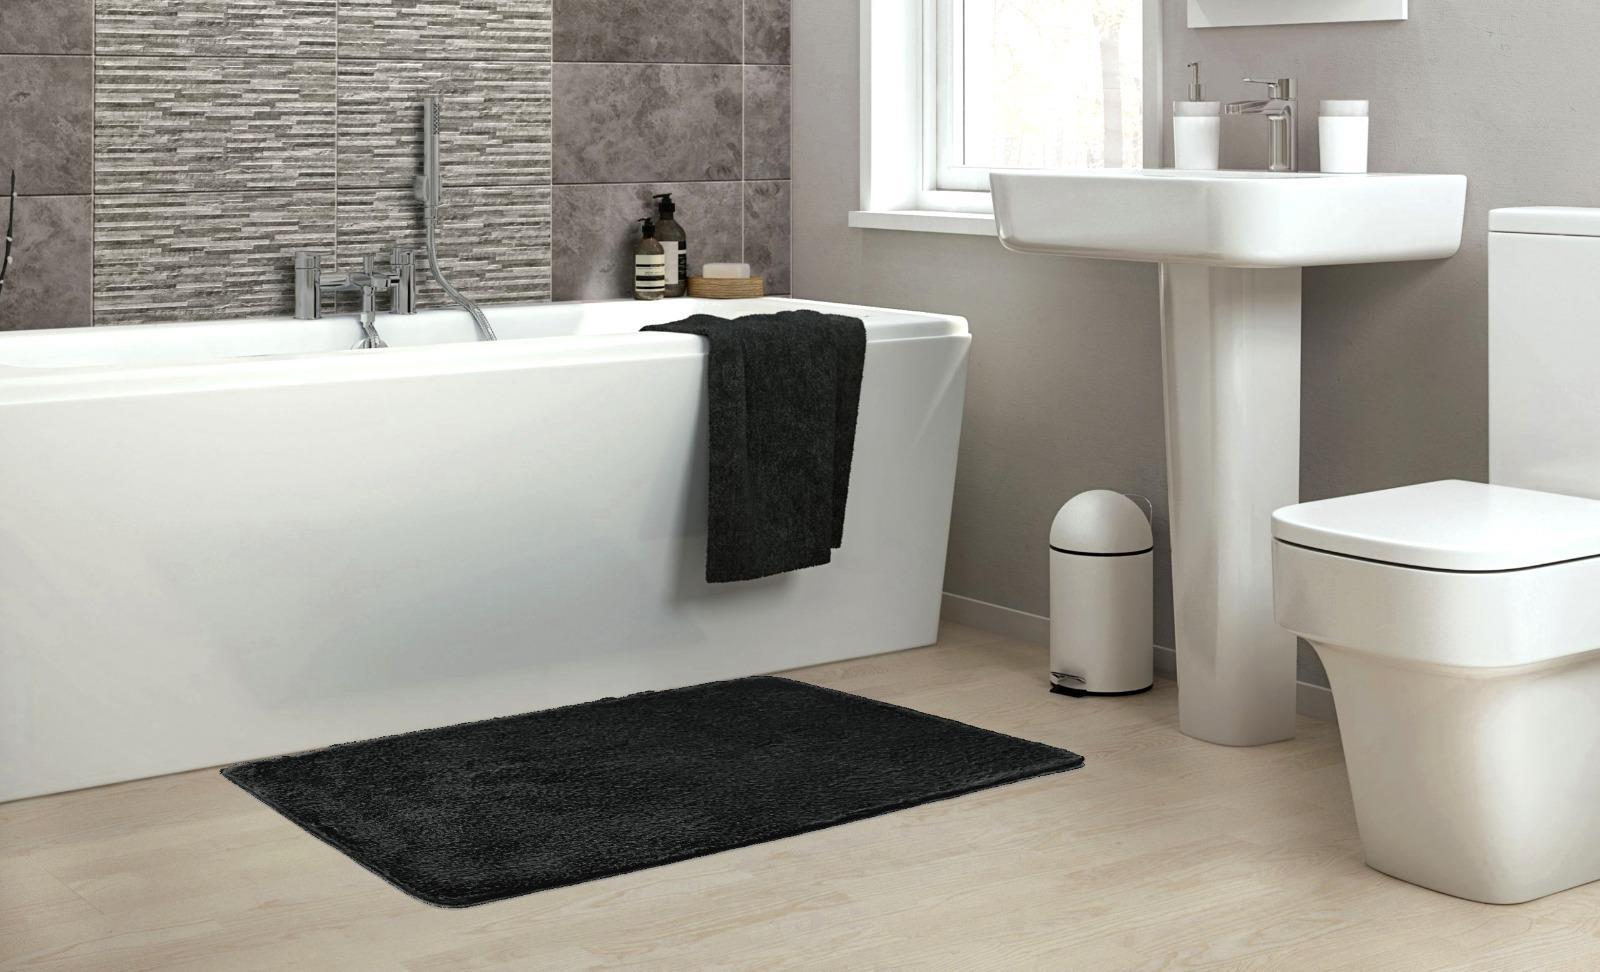 שטיח אמבטיה שחור דגם Soft סופט - נעים במיוחד!